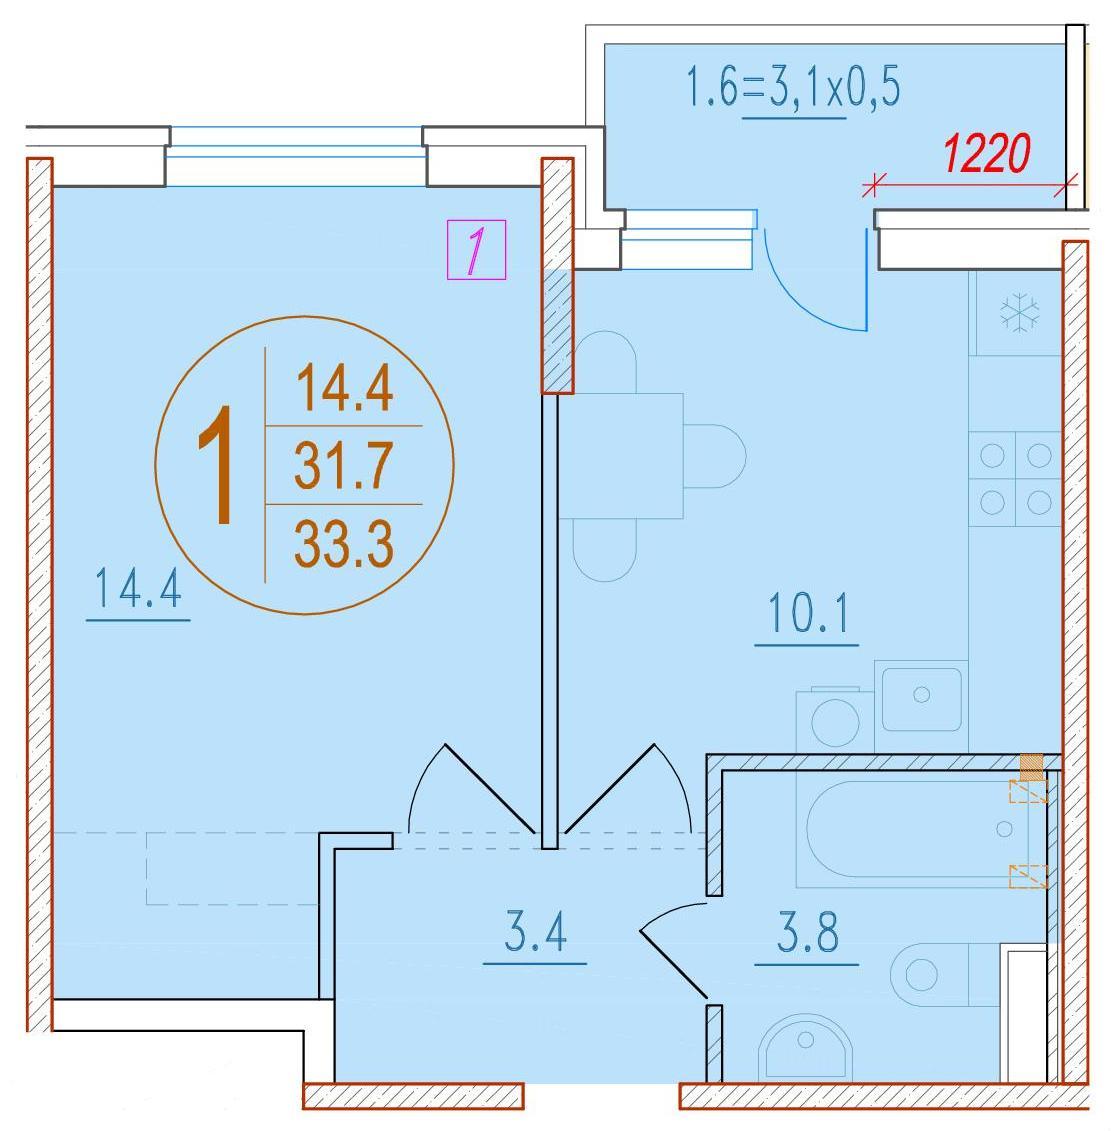 1-комнатная 33.3<span>м<sup>2</sup></span>